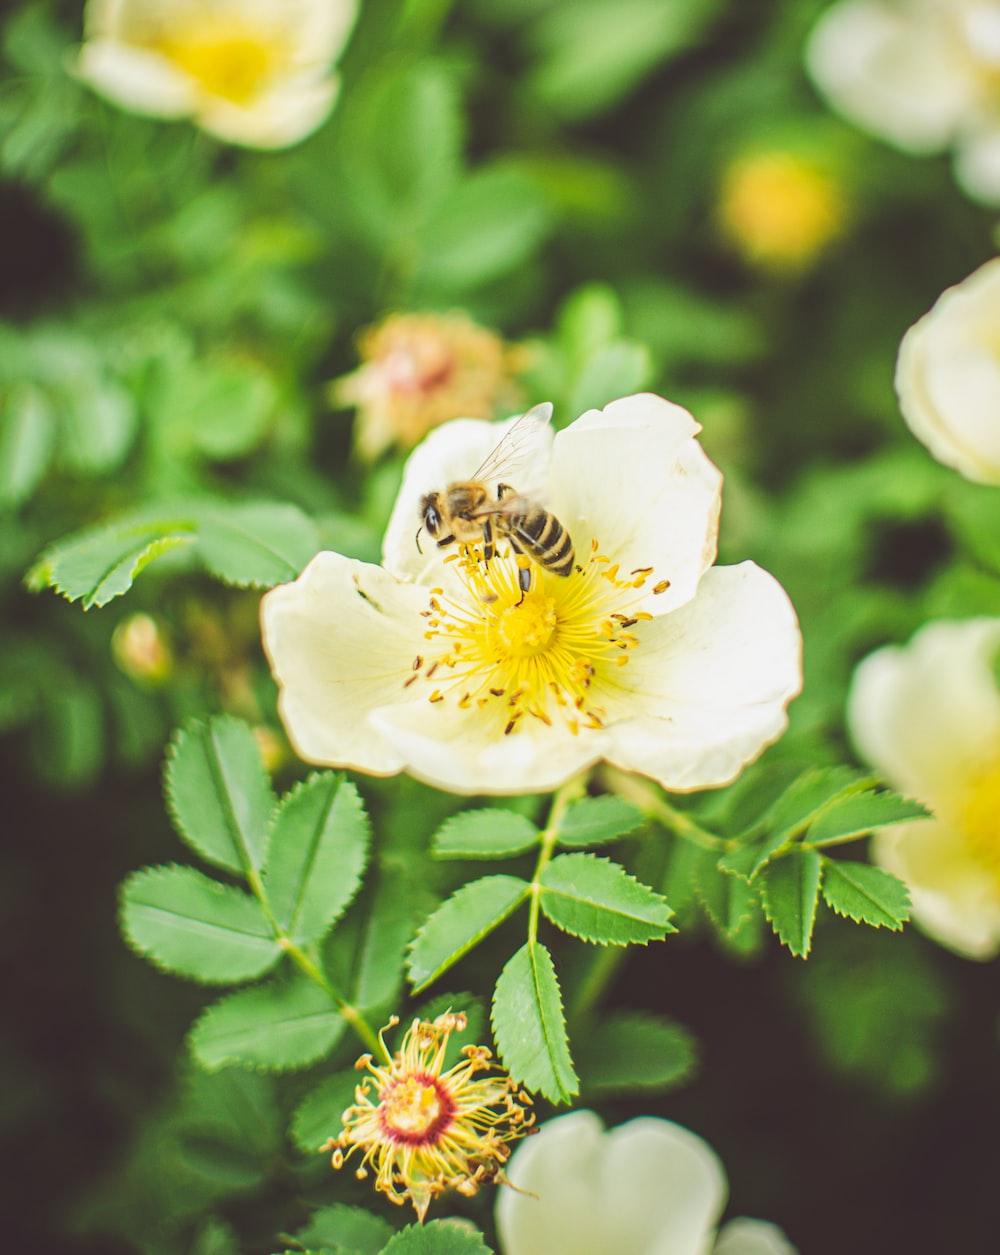 white flower with yellow stigma